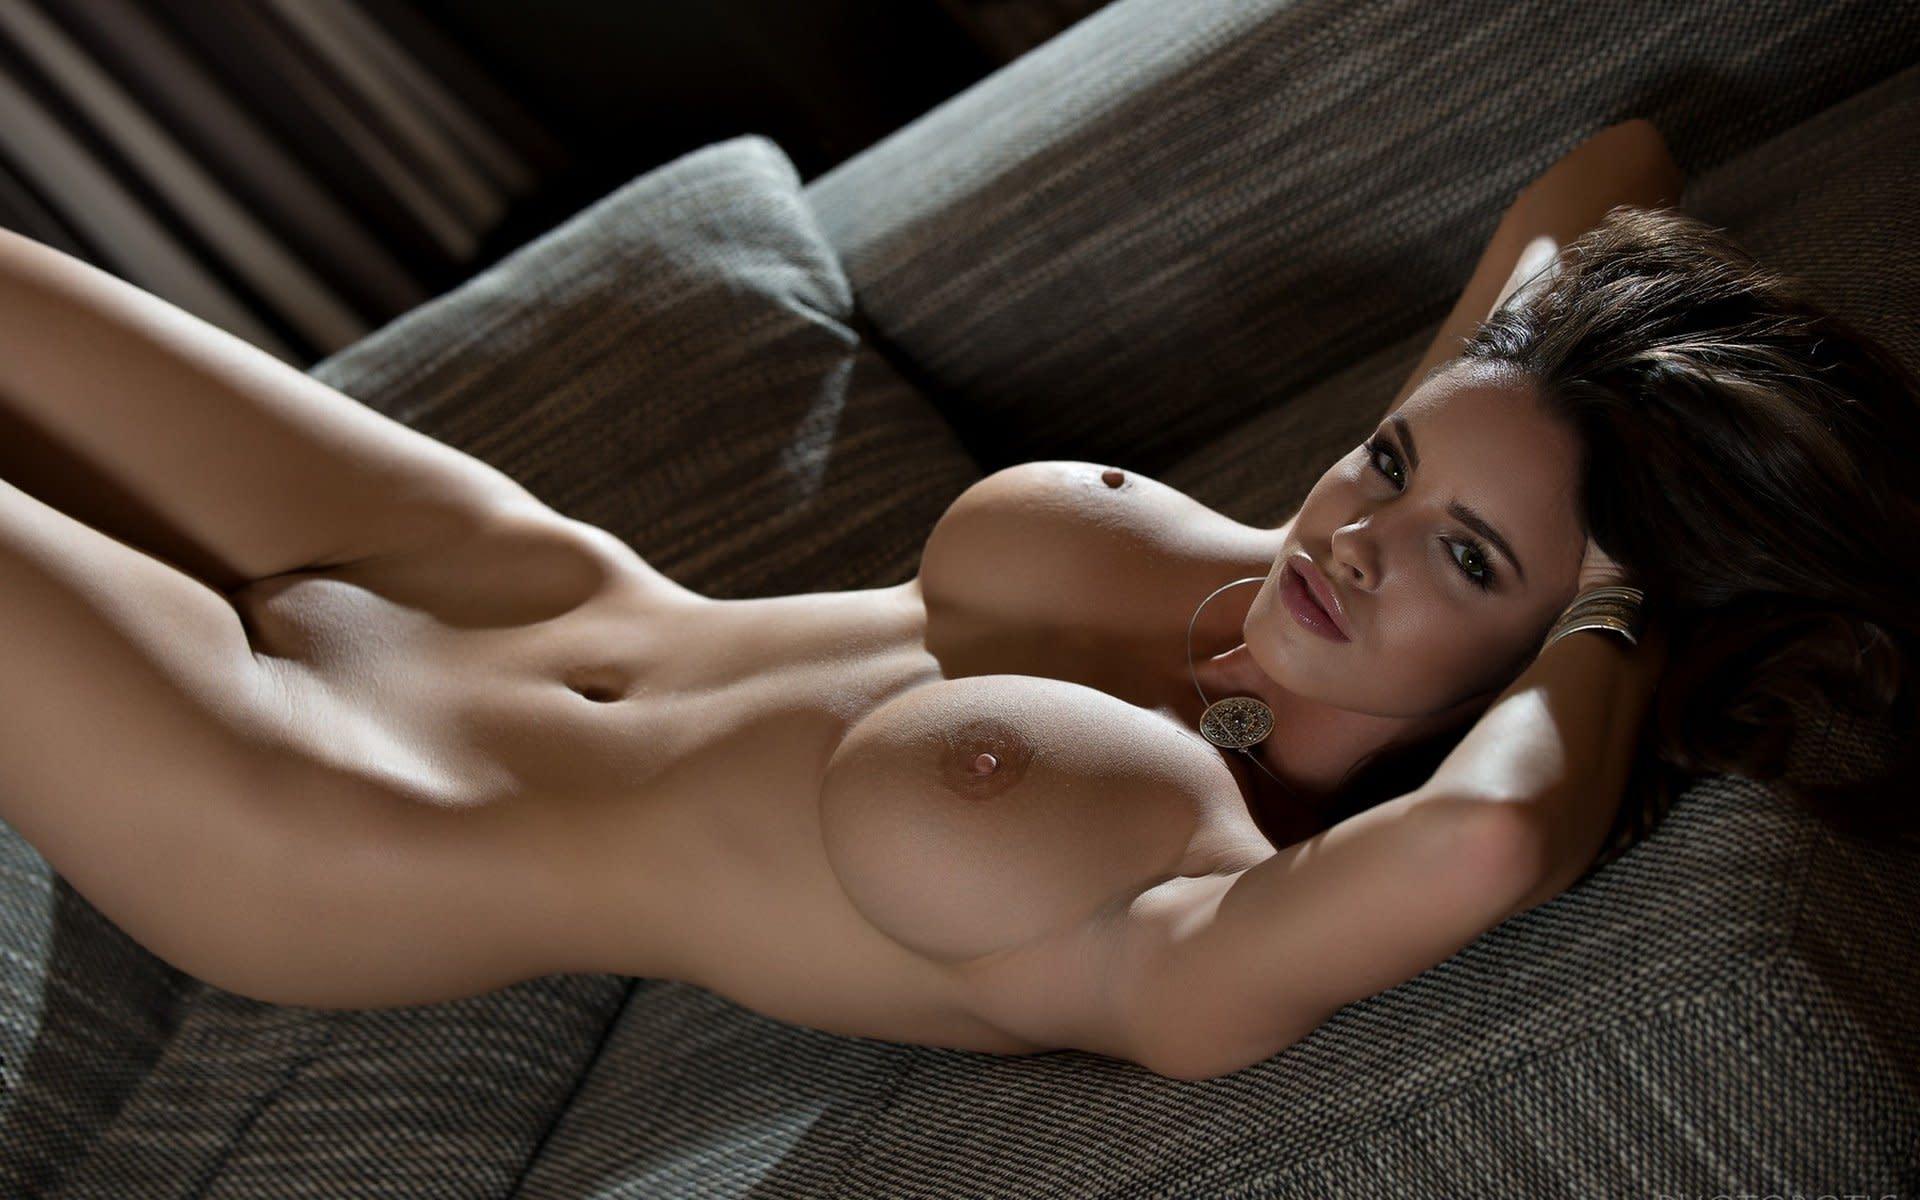 hot-photos-of-nuda-gf-cought-nude